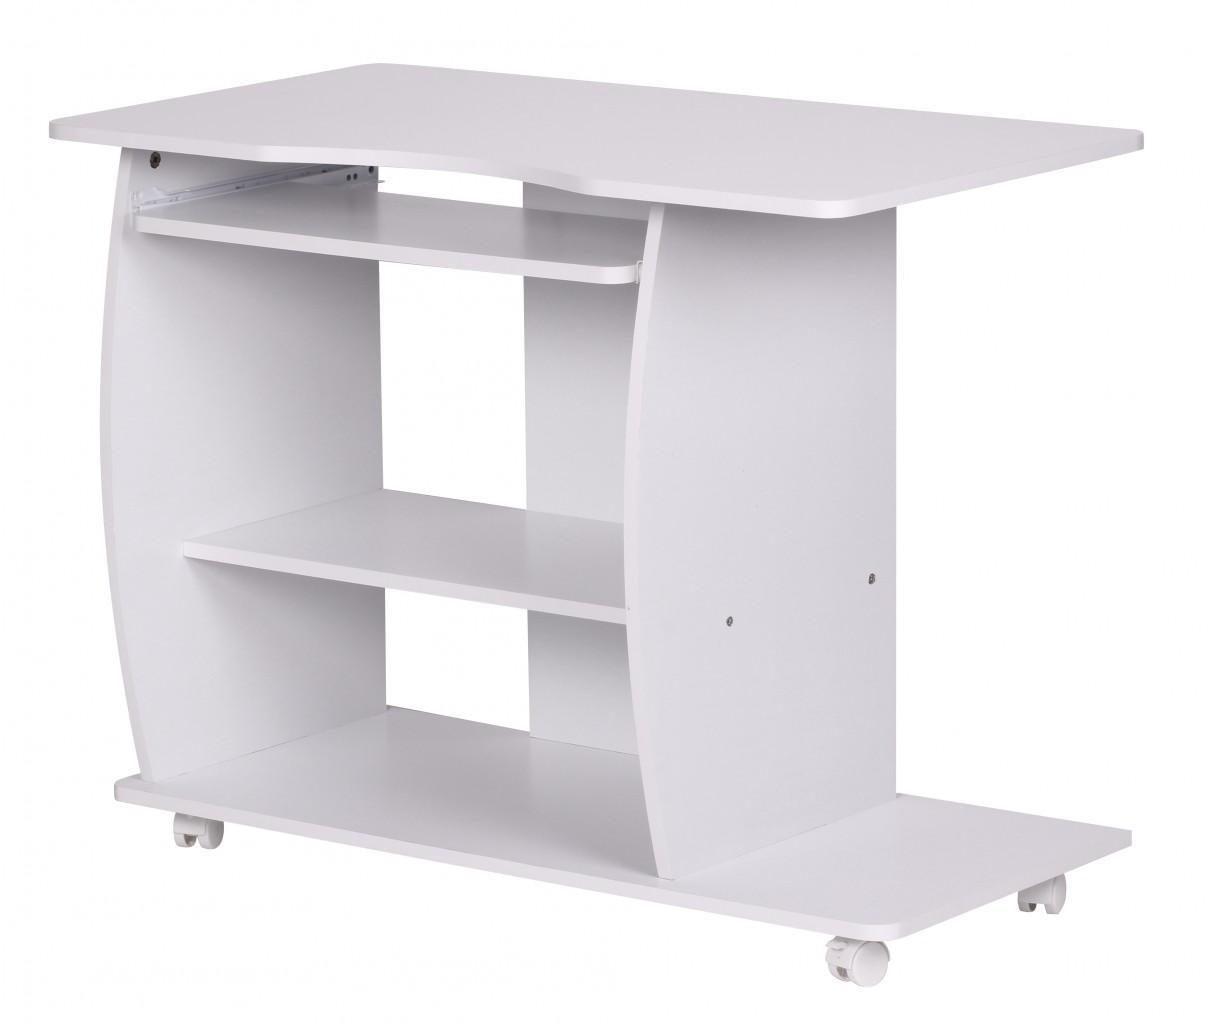 Schreibtisch computertisch wei mit rollen 90 cm for Schreibtisch mit rollen